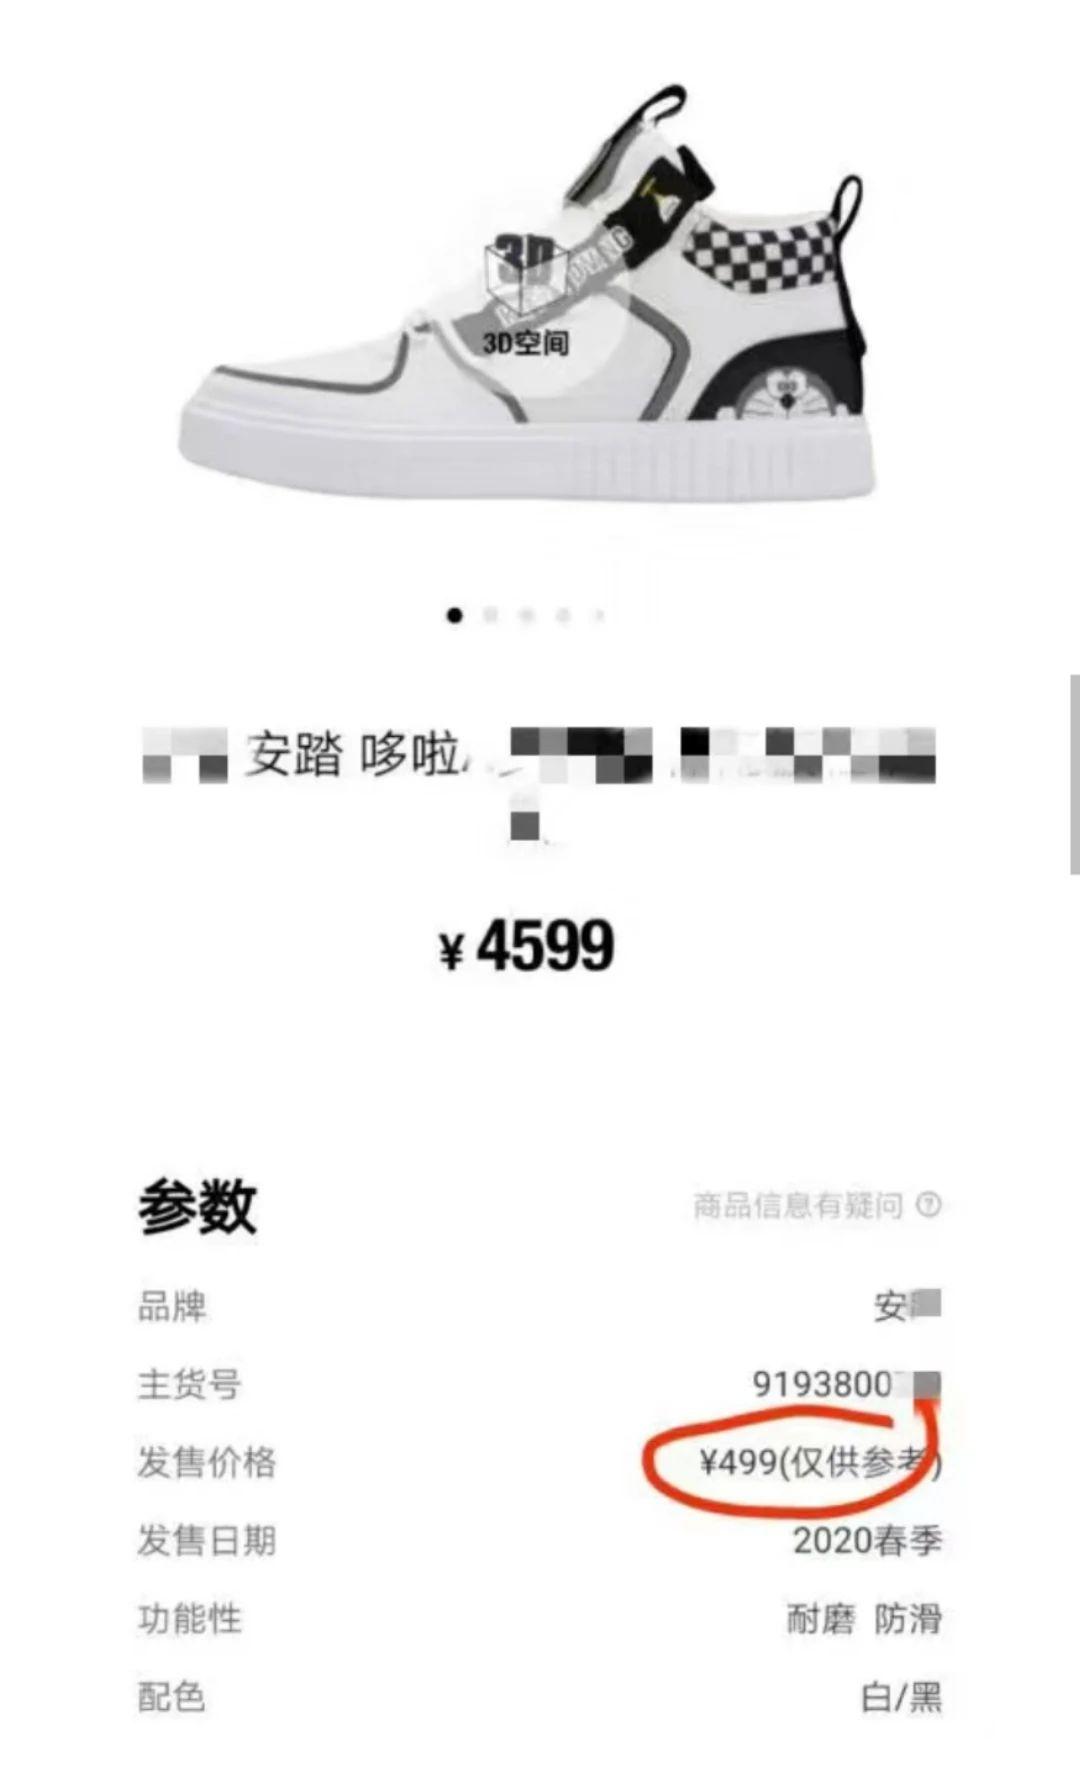 暴涨31倍,1500元李宁鞋炒到48889!得物回应下架封禁